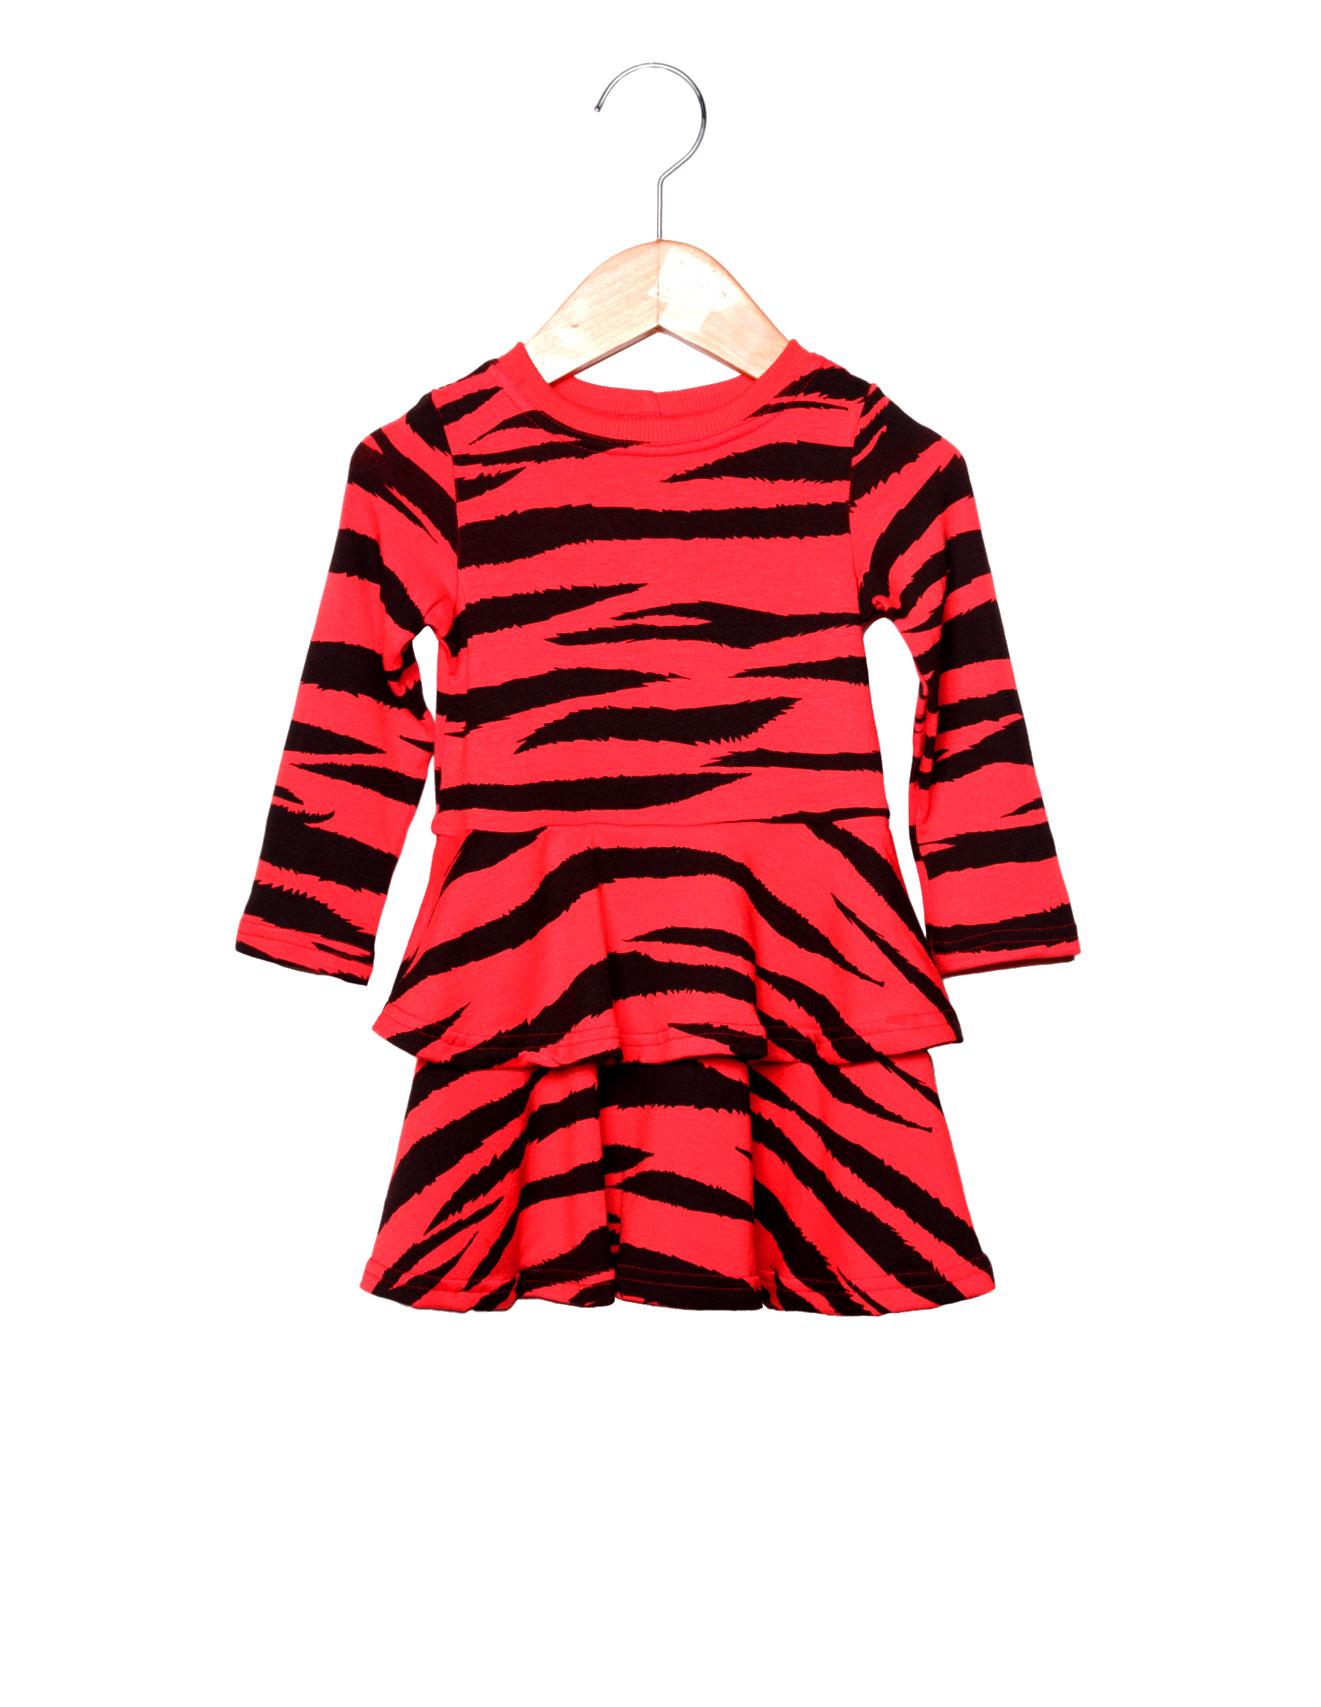 Vestido Rodado Estampa LoK Tigre